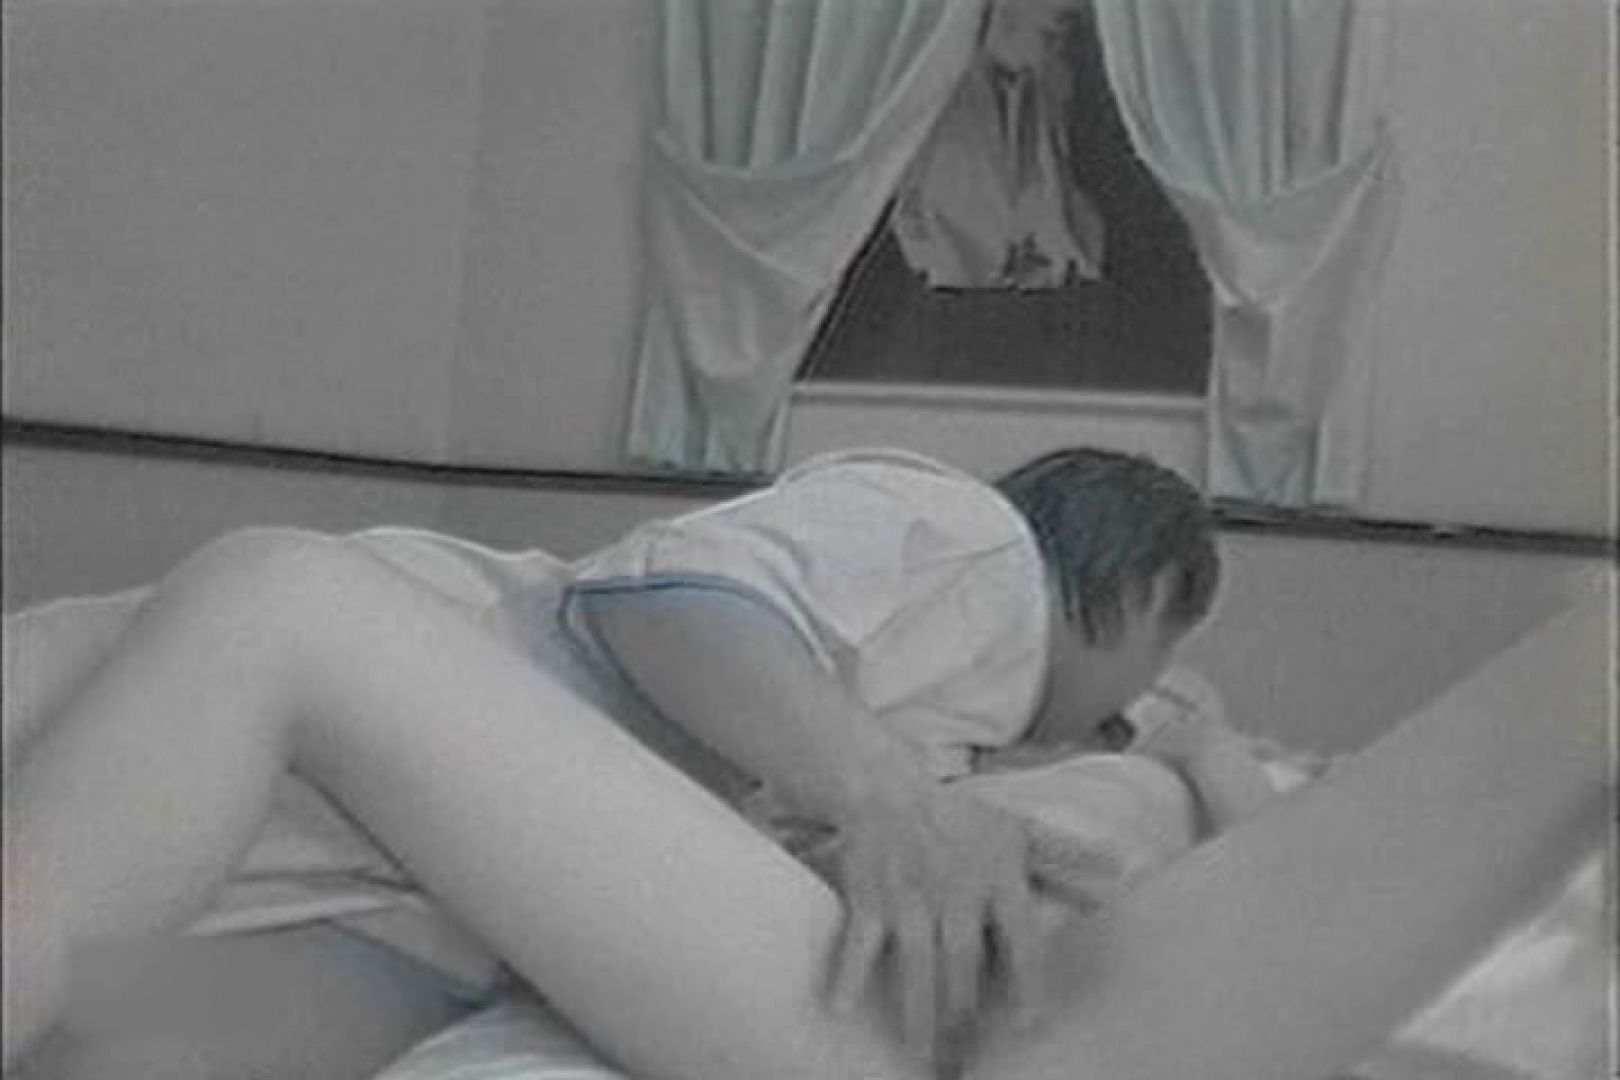 素人嬢をホテルに連れ込みアンナ事・コンナ事!?Vol.9 ホテル エロ画像 107画像 34